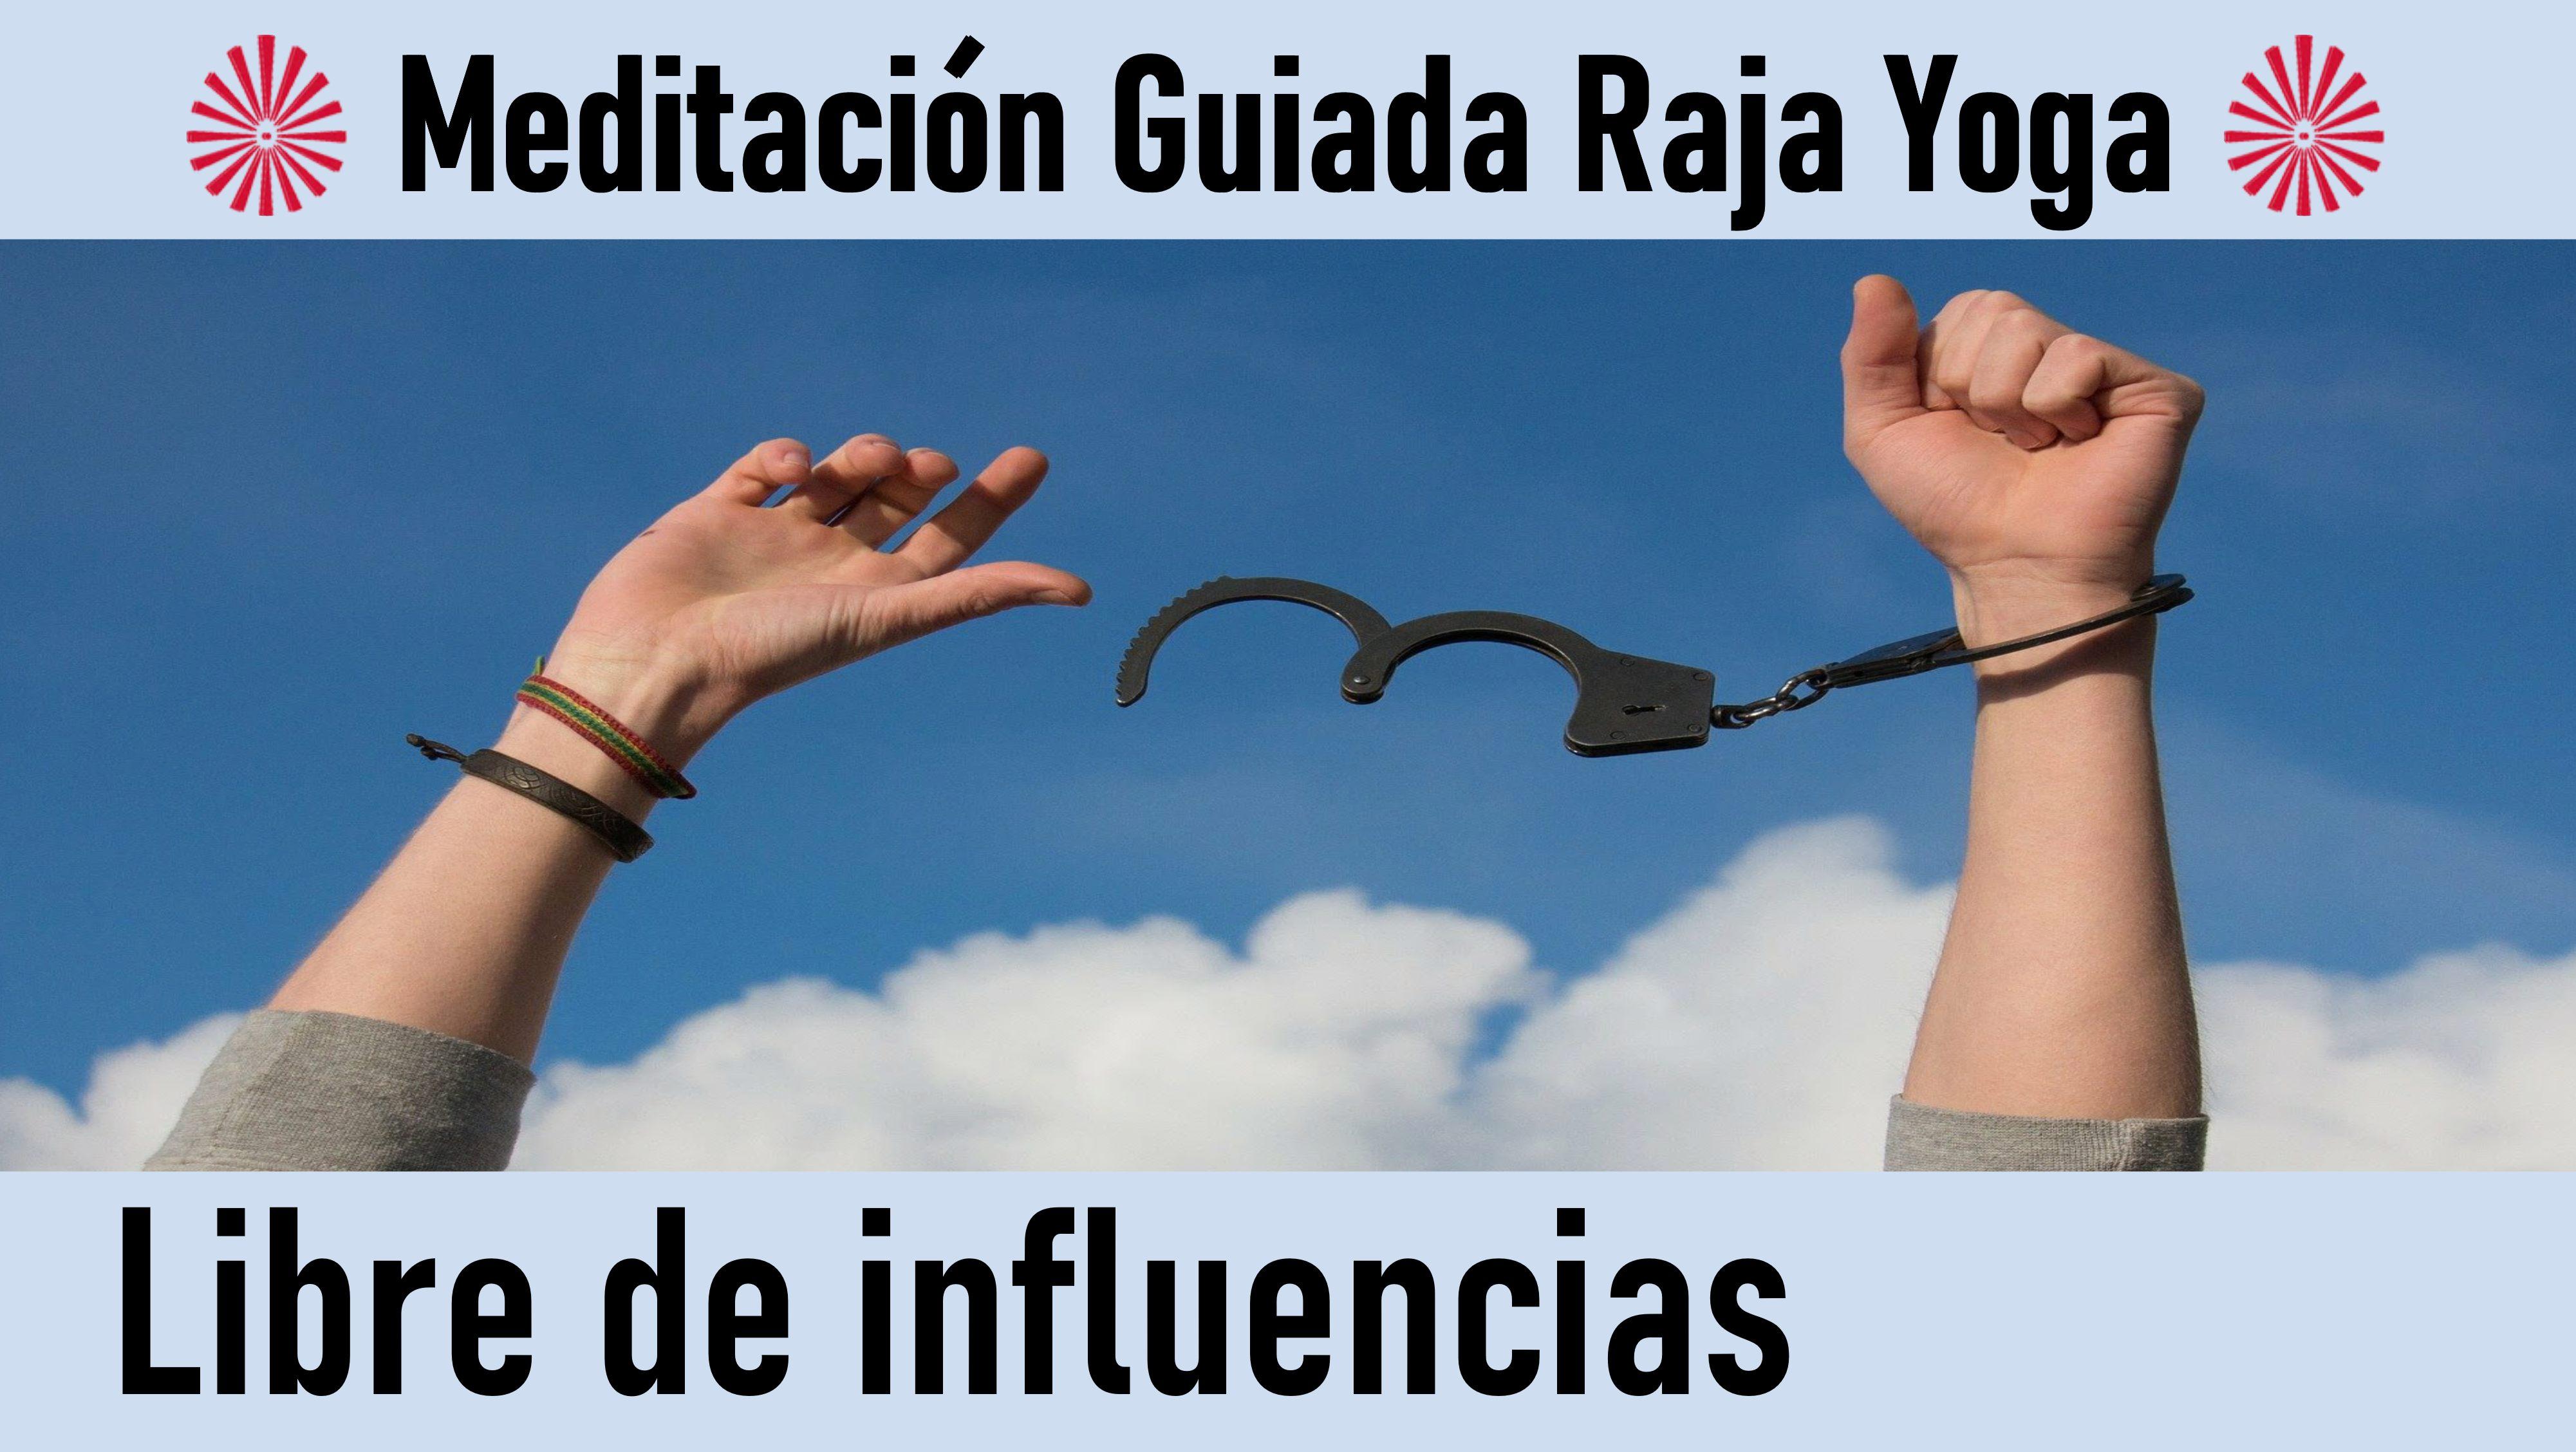 Meditación Raja Yoga: Libre de influencias (5 Julio 2020) On-line desde Sevilla